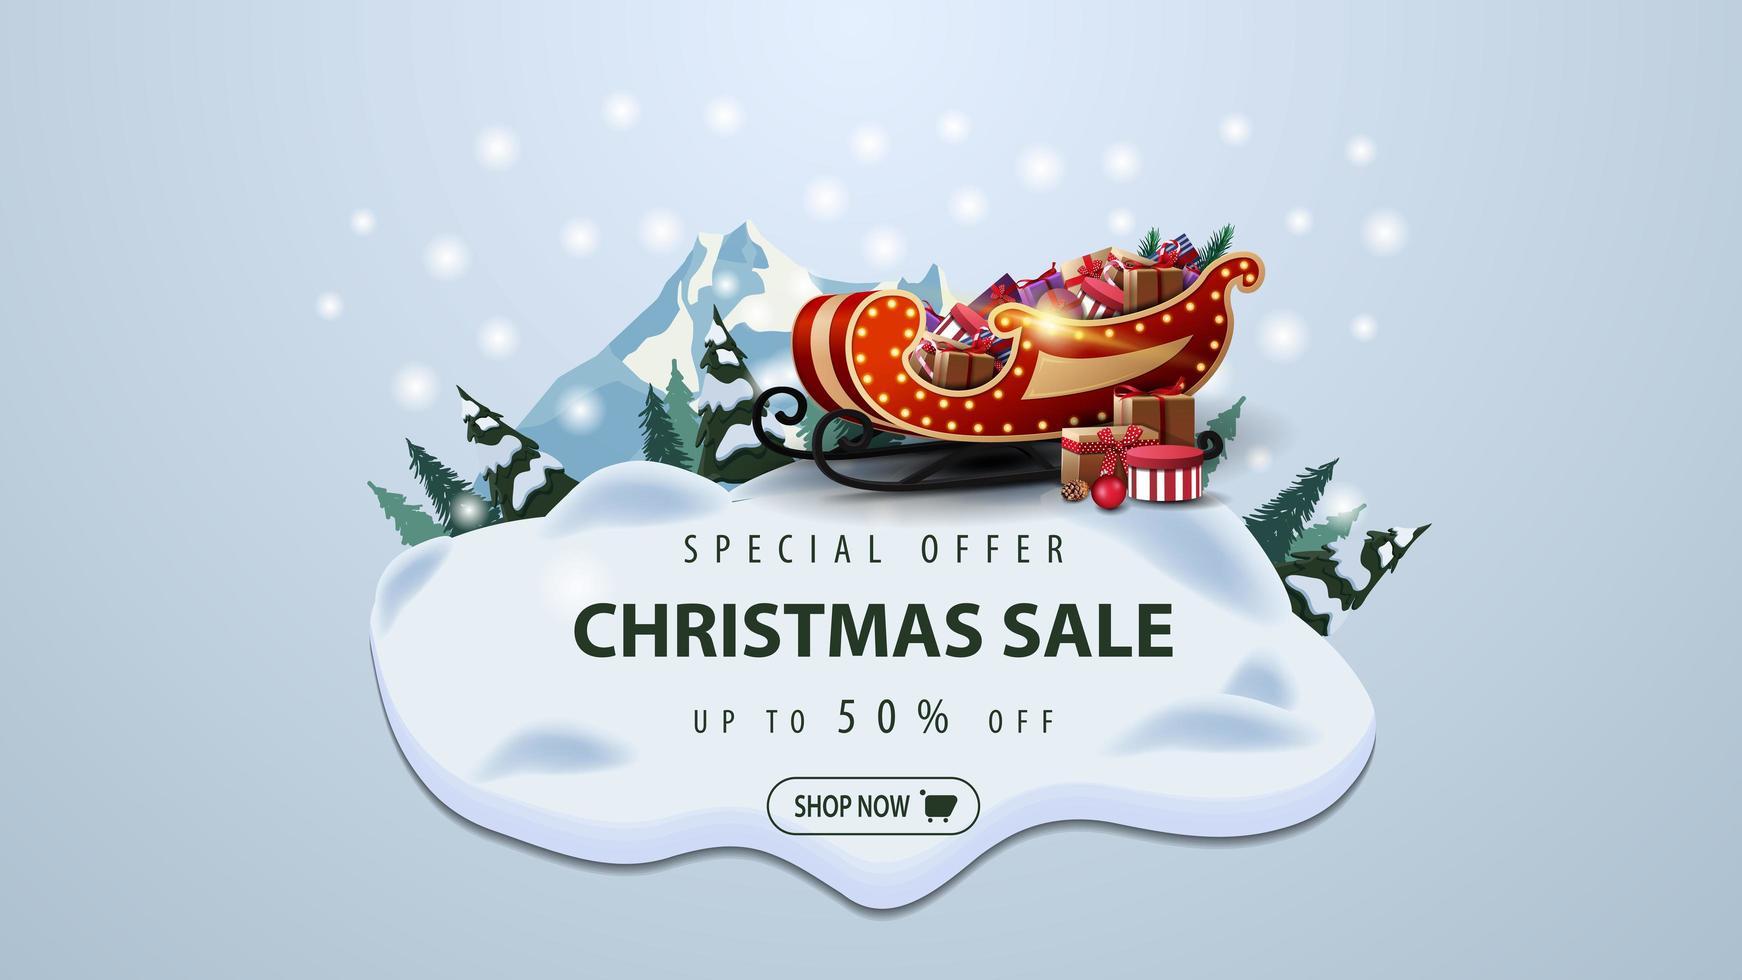 Sonderangebot, Weihnachtsverkauf, bis zu 50 Rabatt, modernes Rabattbanner mit Kiefern, Drifts, Berg- und Weihnachtsschlitten mit Geschenken vektor